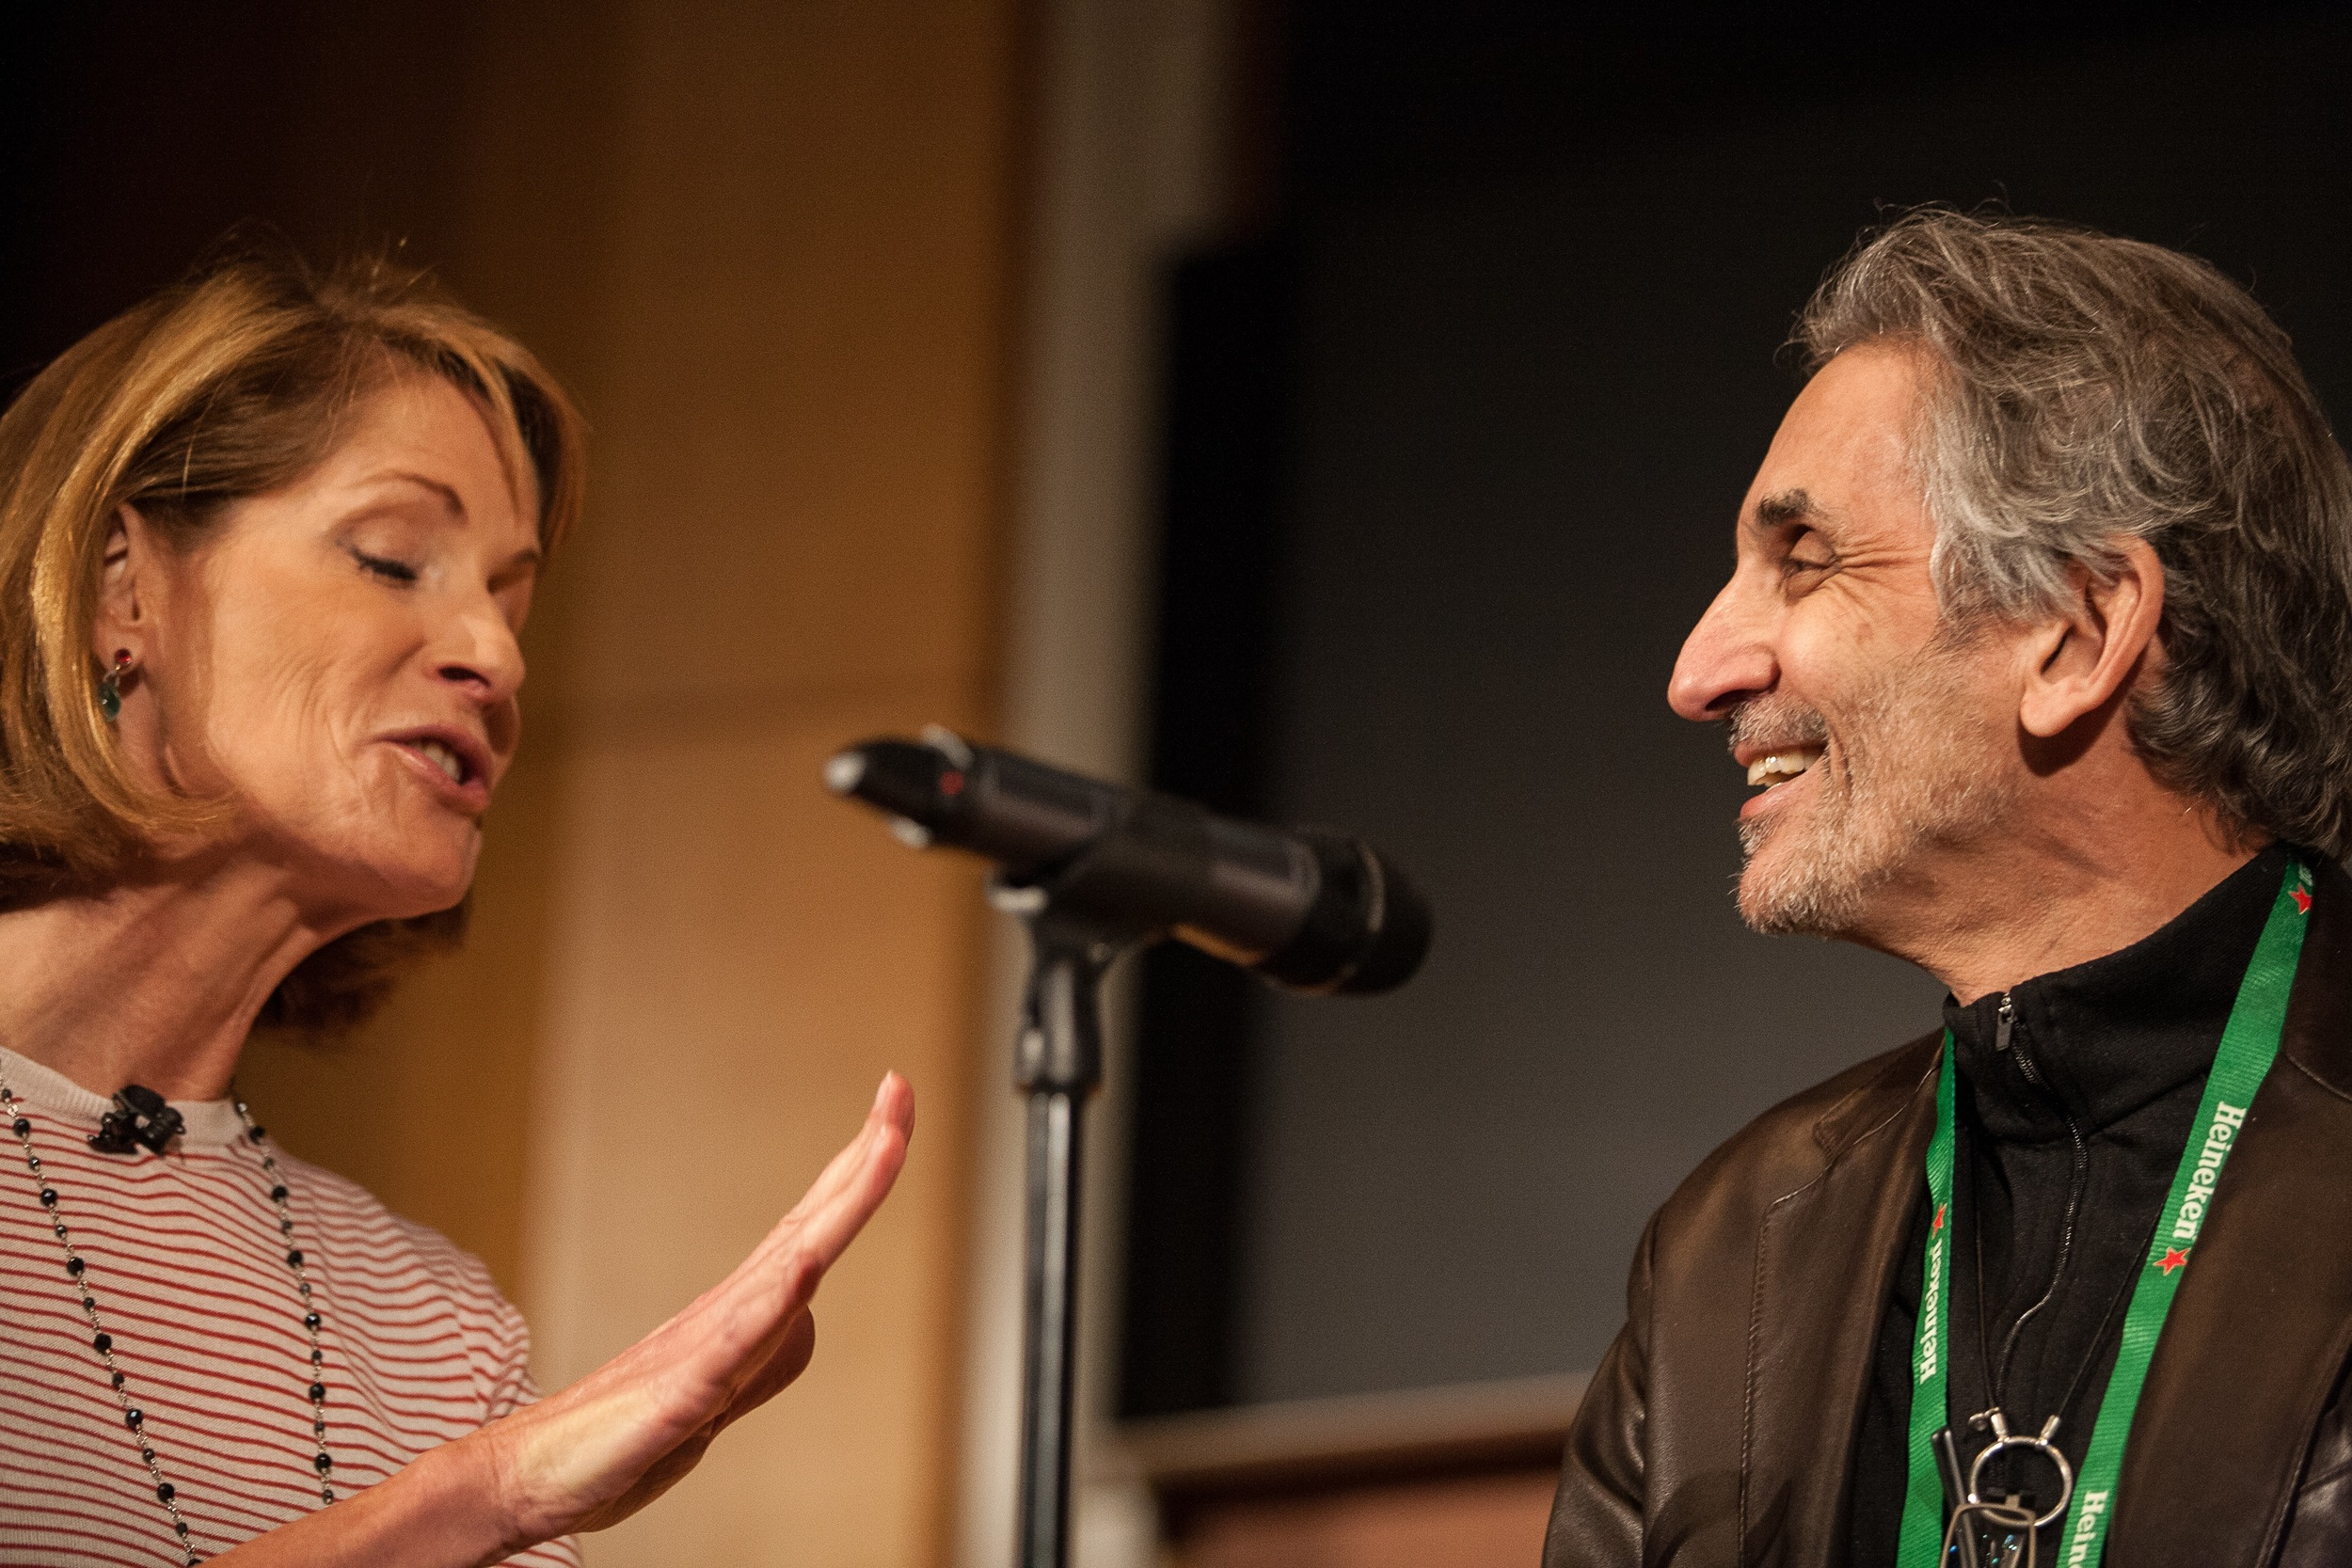 Tribeca Disruptive Innovation Awards 2013 - 122.jpg